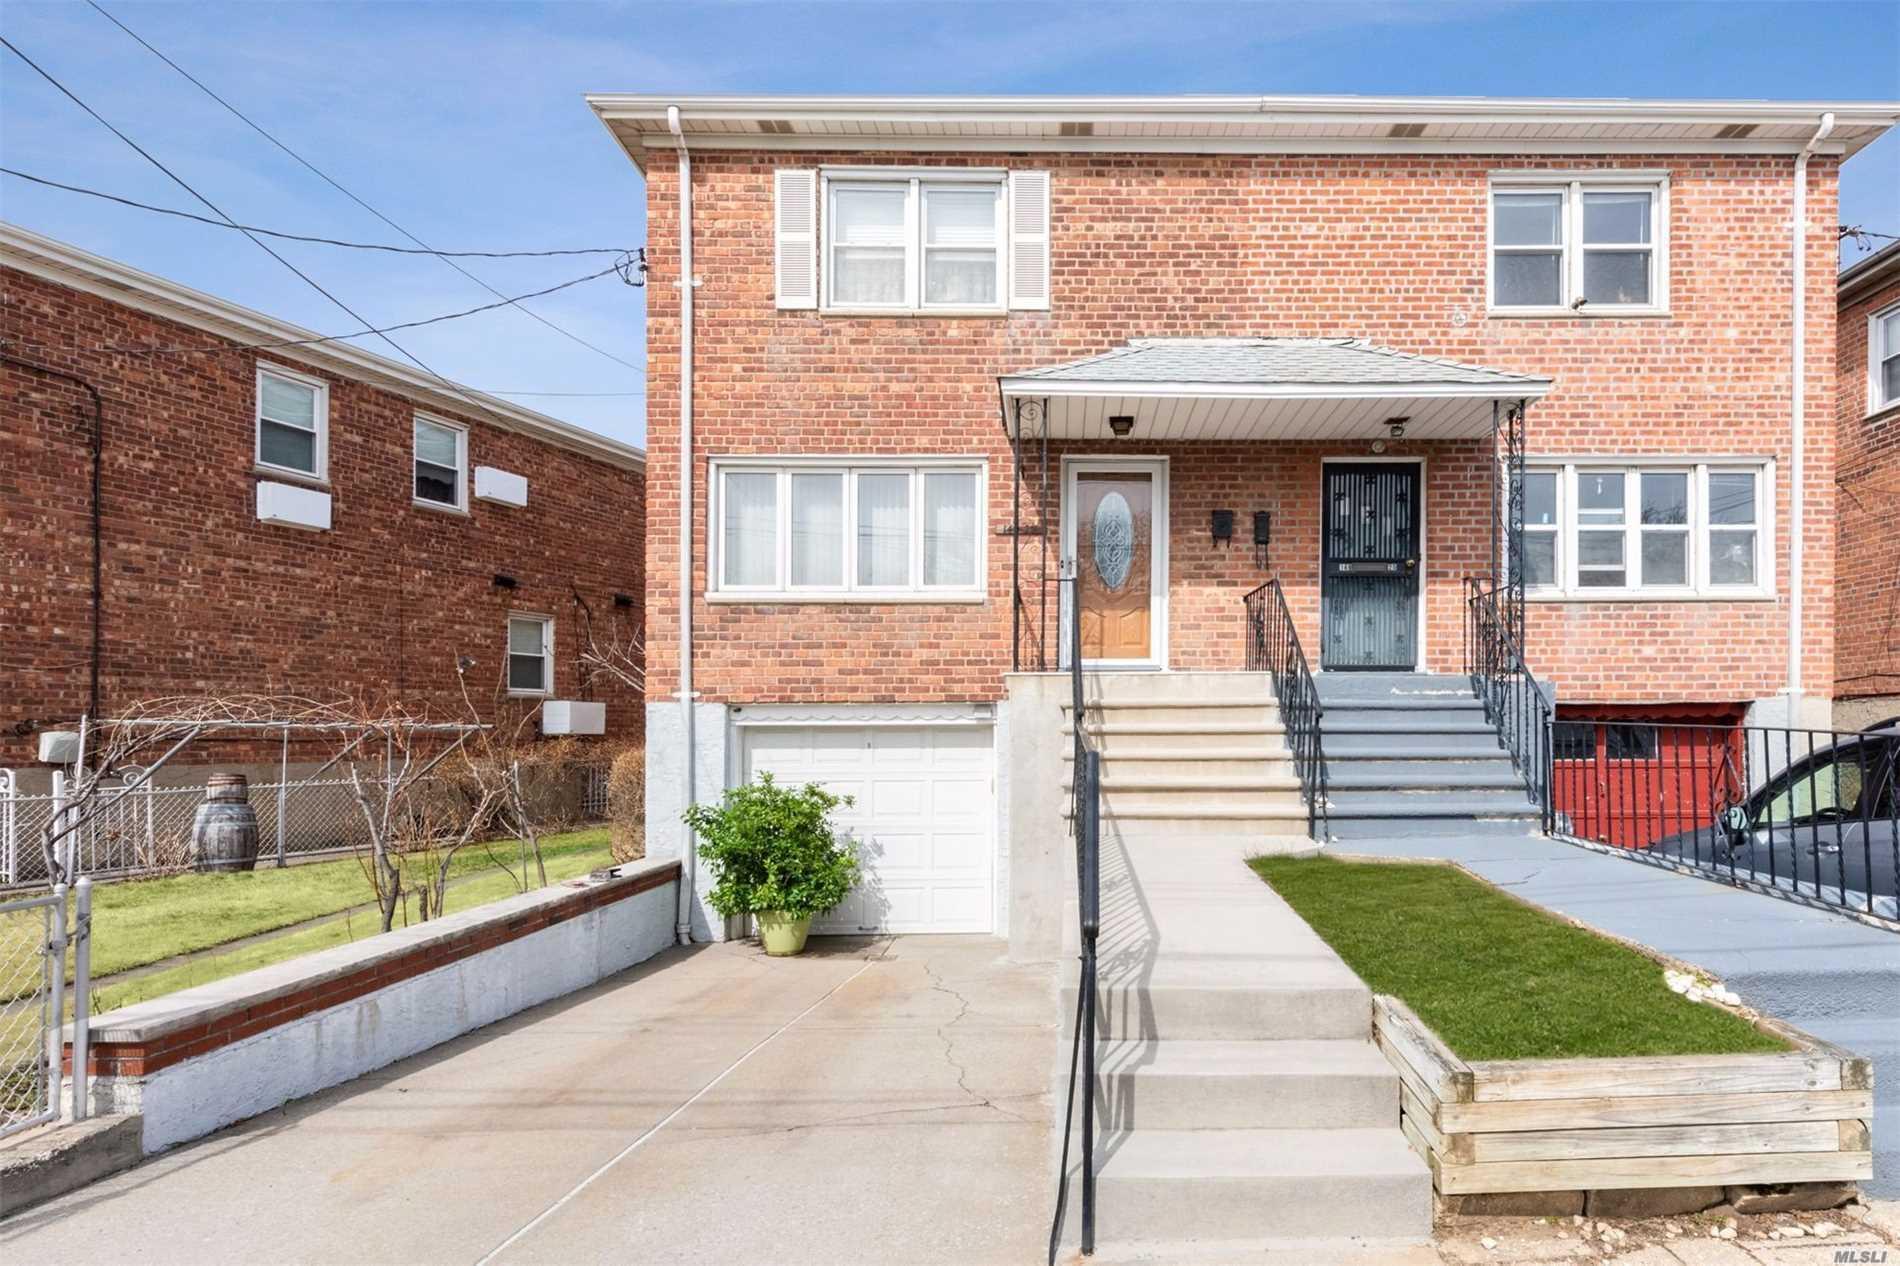 149-23 Willets Point Blvd - Whitestone, New York